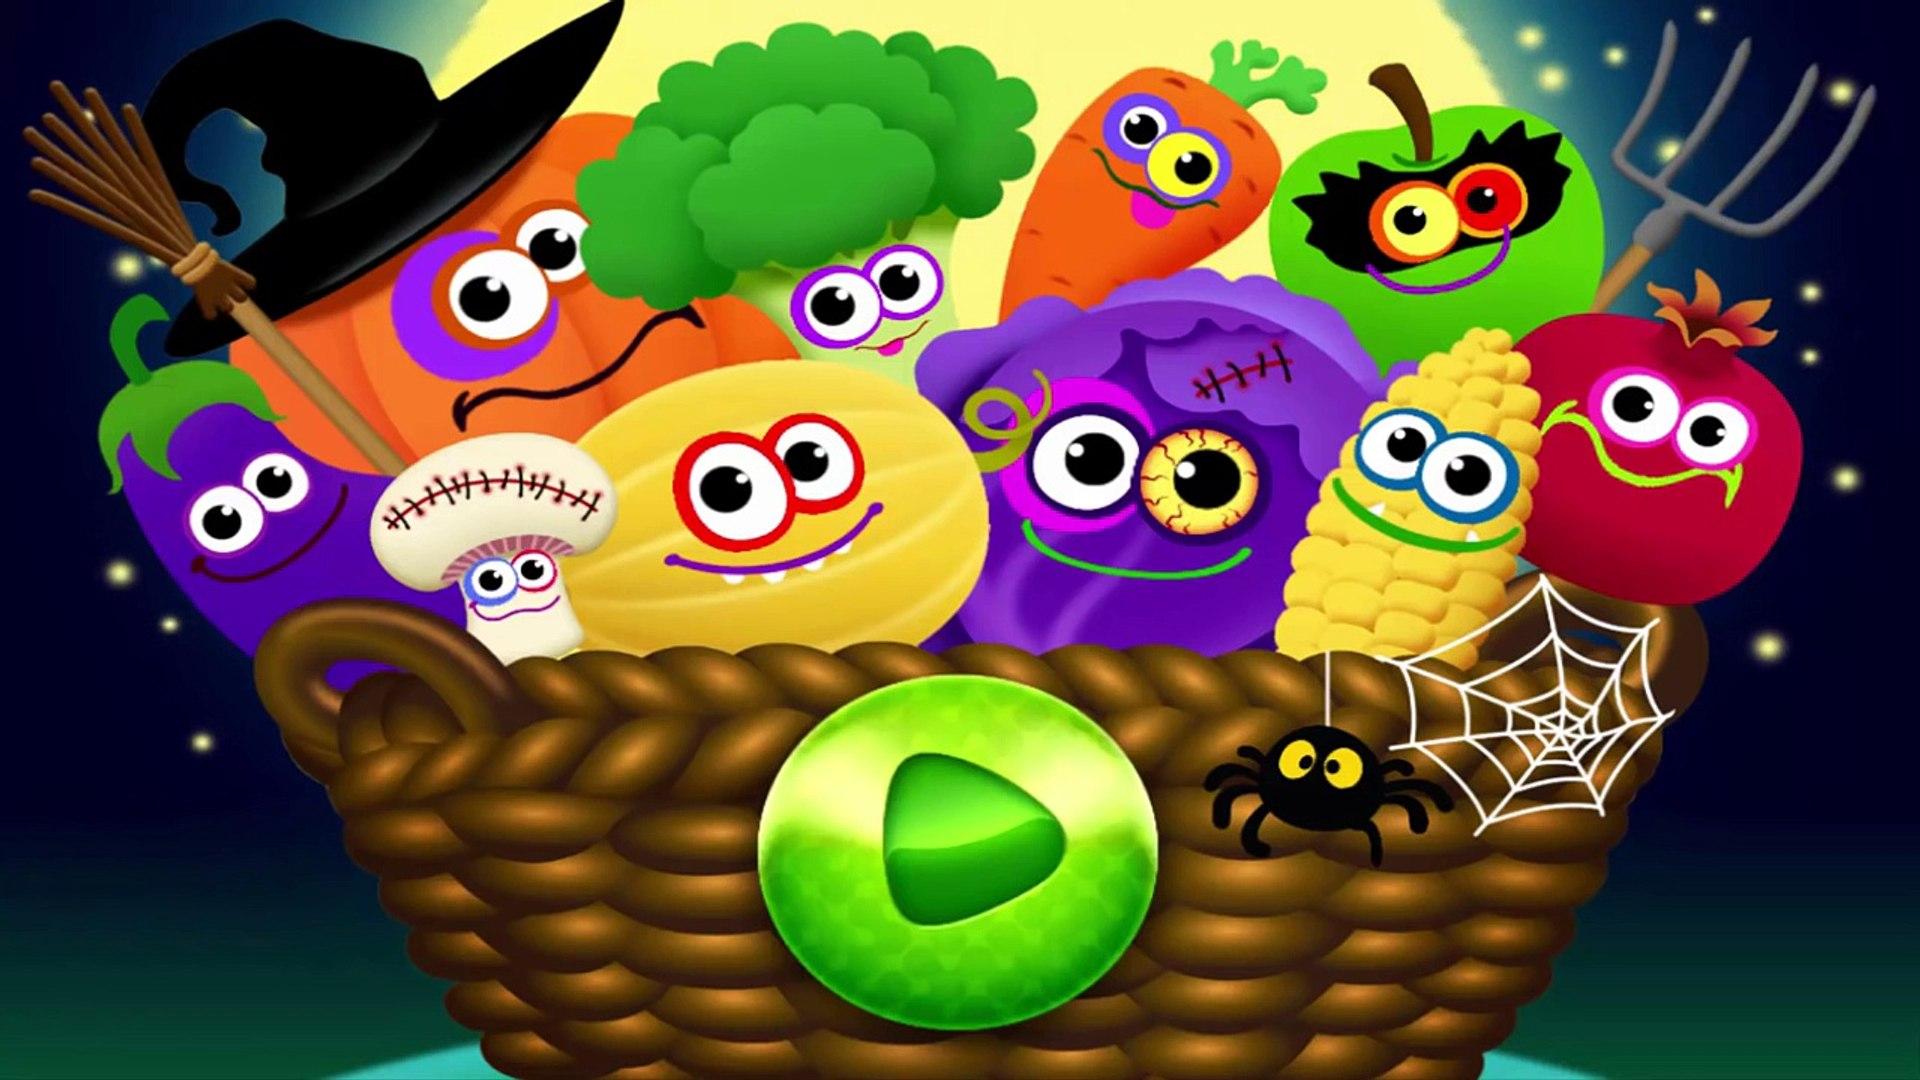 И Детка ребенок питание фрукты Веселая Игры Узнайте имен из играть овощи с